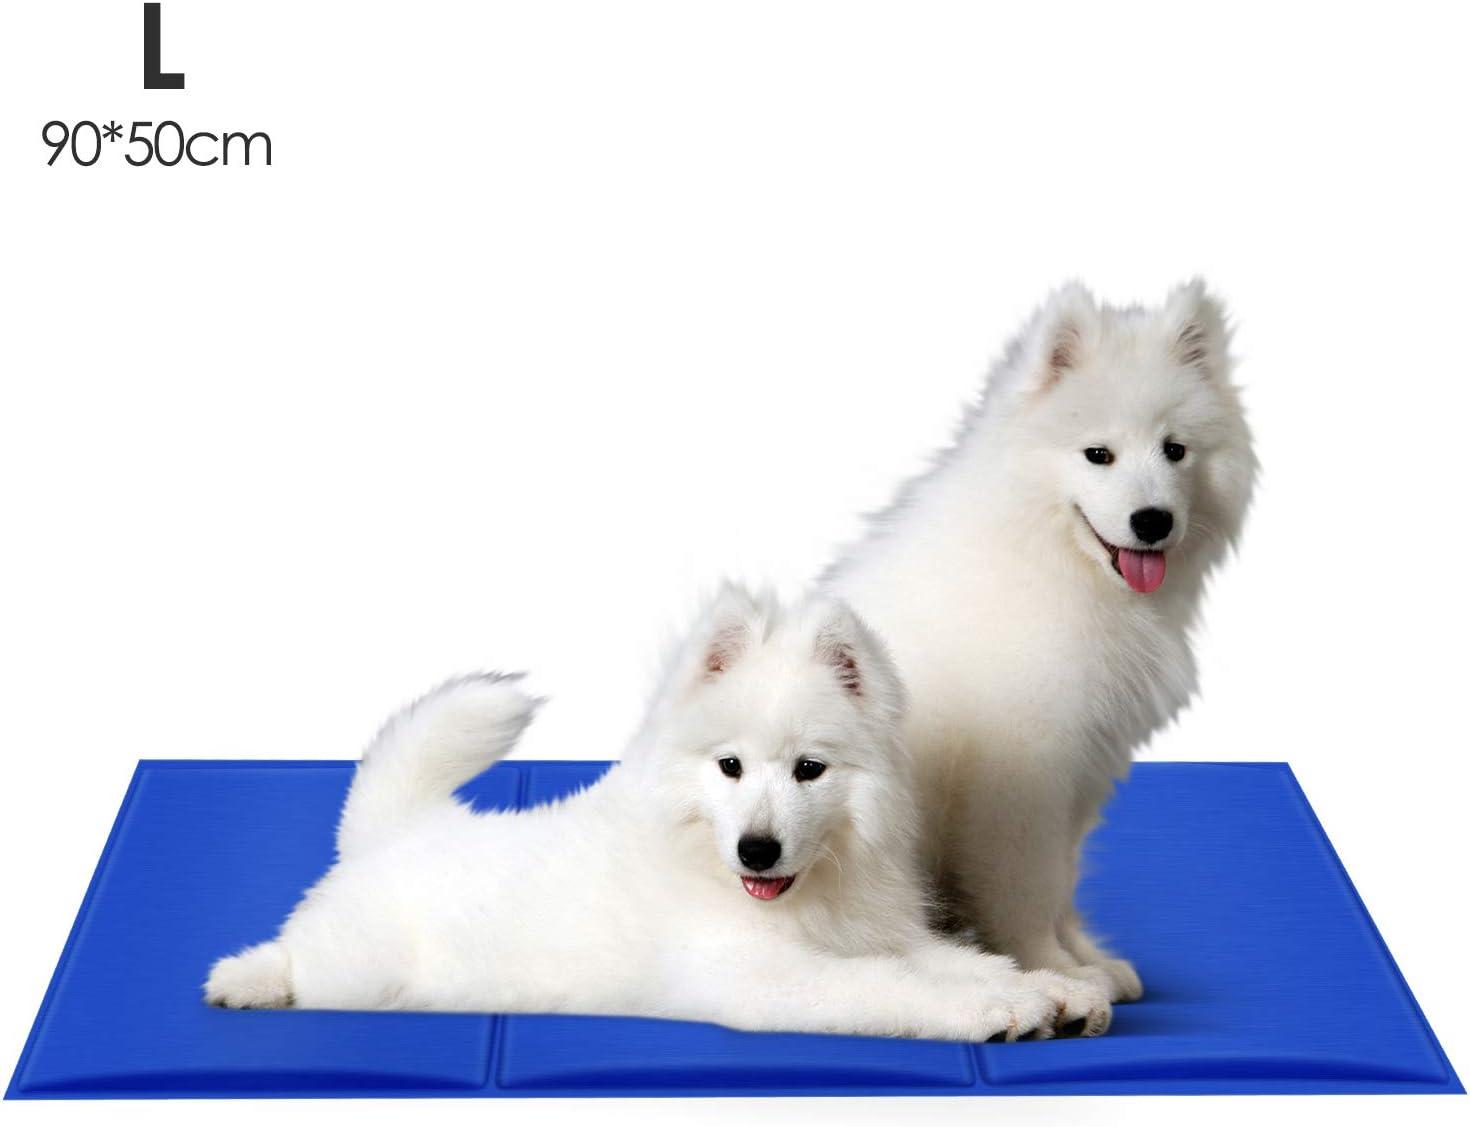 PEDY Alfombrilla de Refrigeración para Perros y Gatos, 90 x 50cm Alfombra Refrescante, Enfriamiento para Camas de Mascotas, Gel no Tóxico, Autoenfriante, Impermeable y Resistente a la Rotura